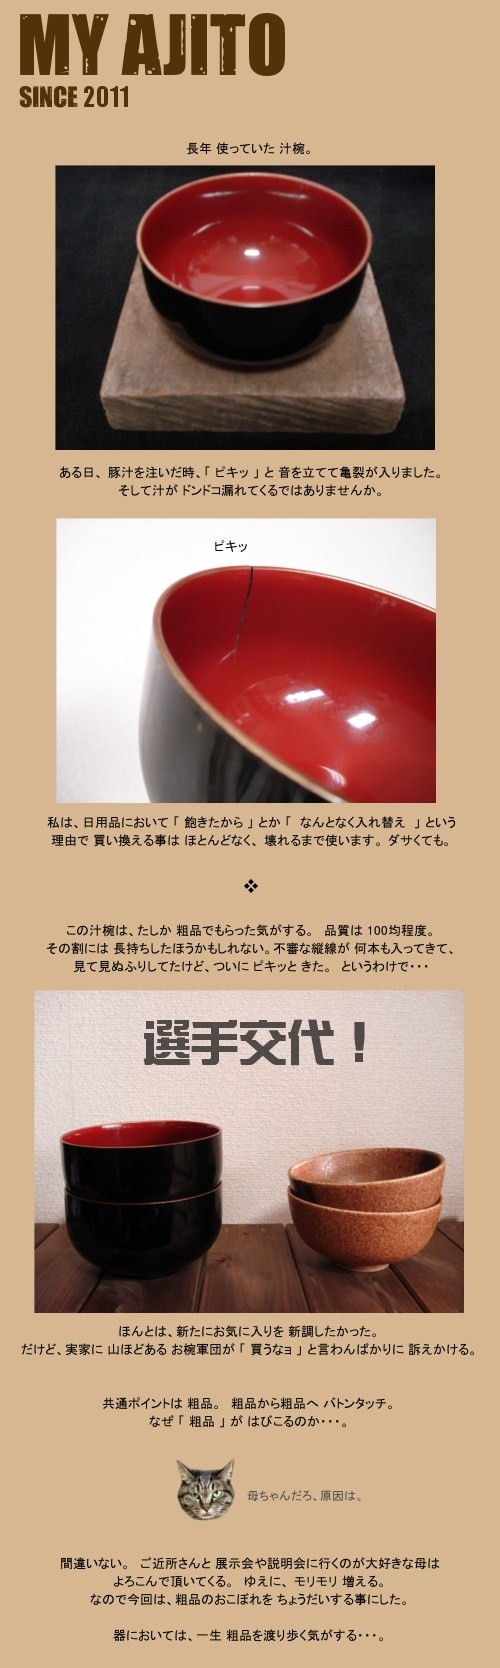 noro_1.jpg